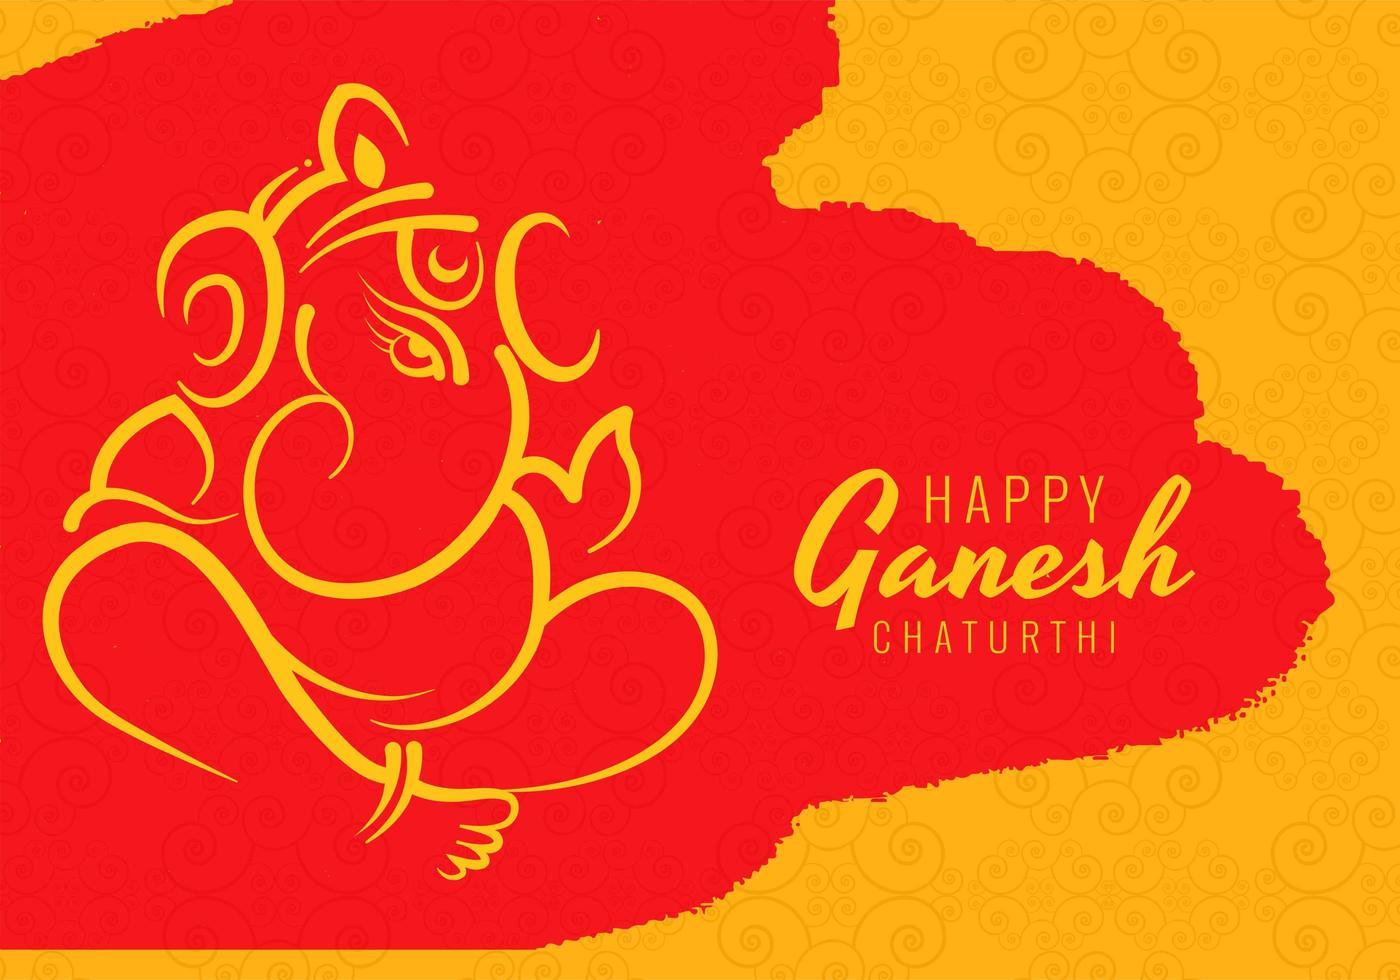 joyeux festival de ganesh chaturthi utsav sur fond de taches rouges vecteur